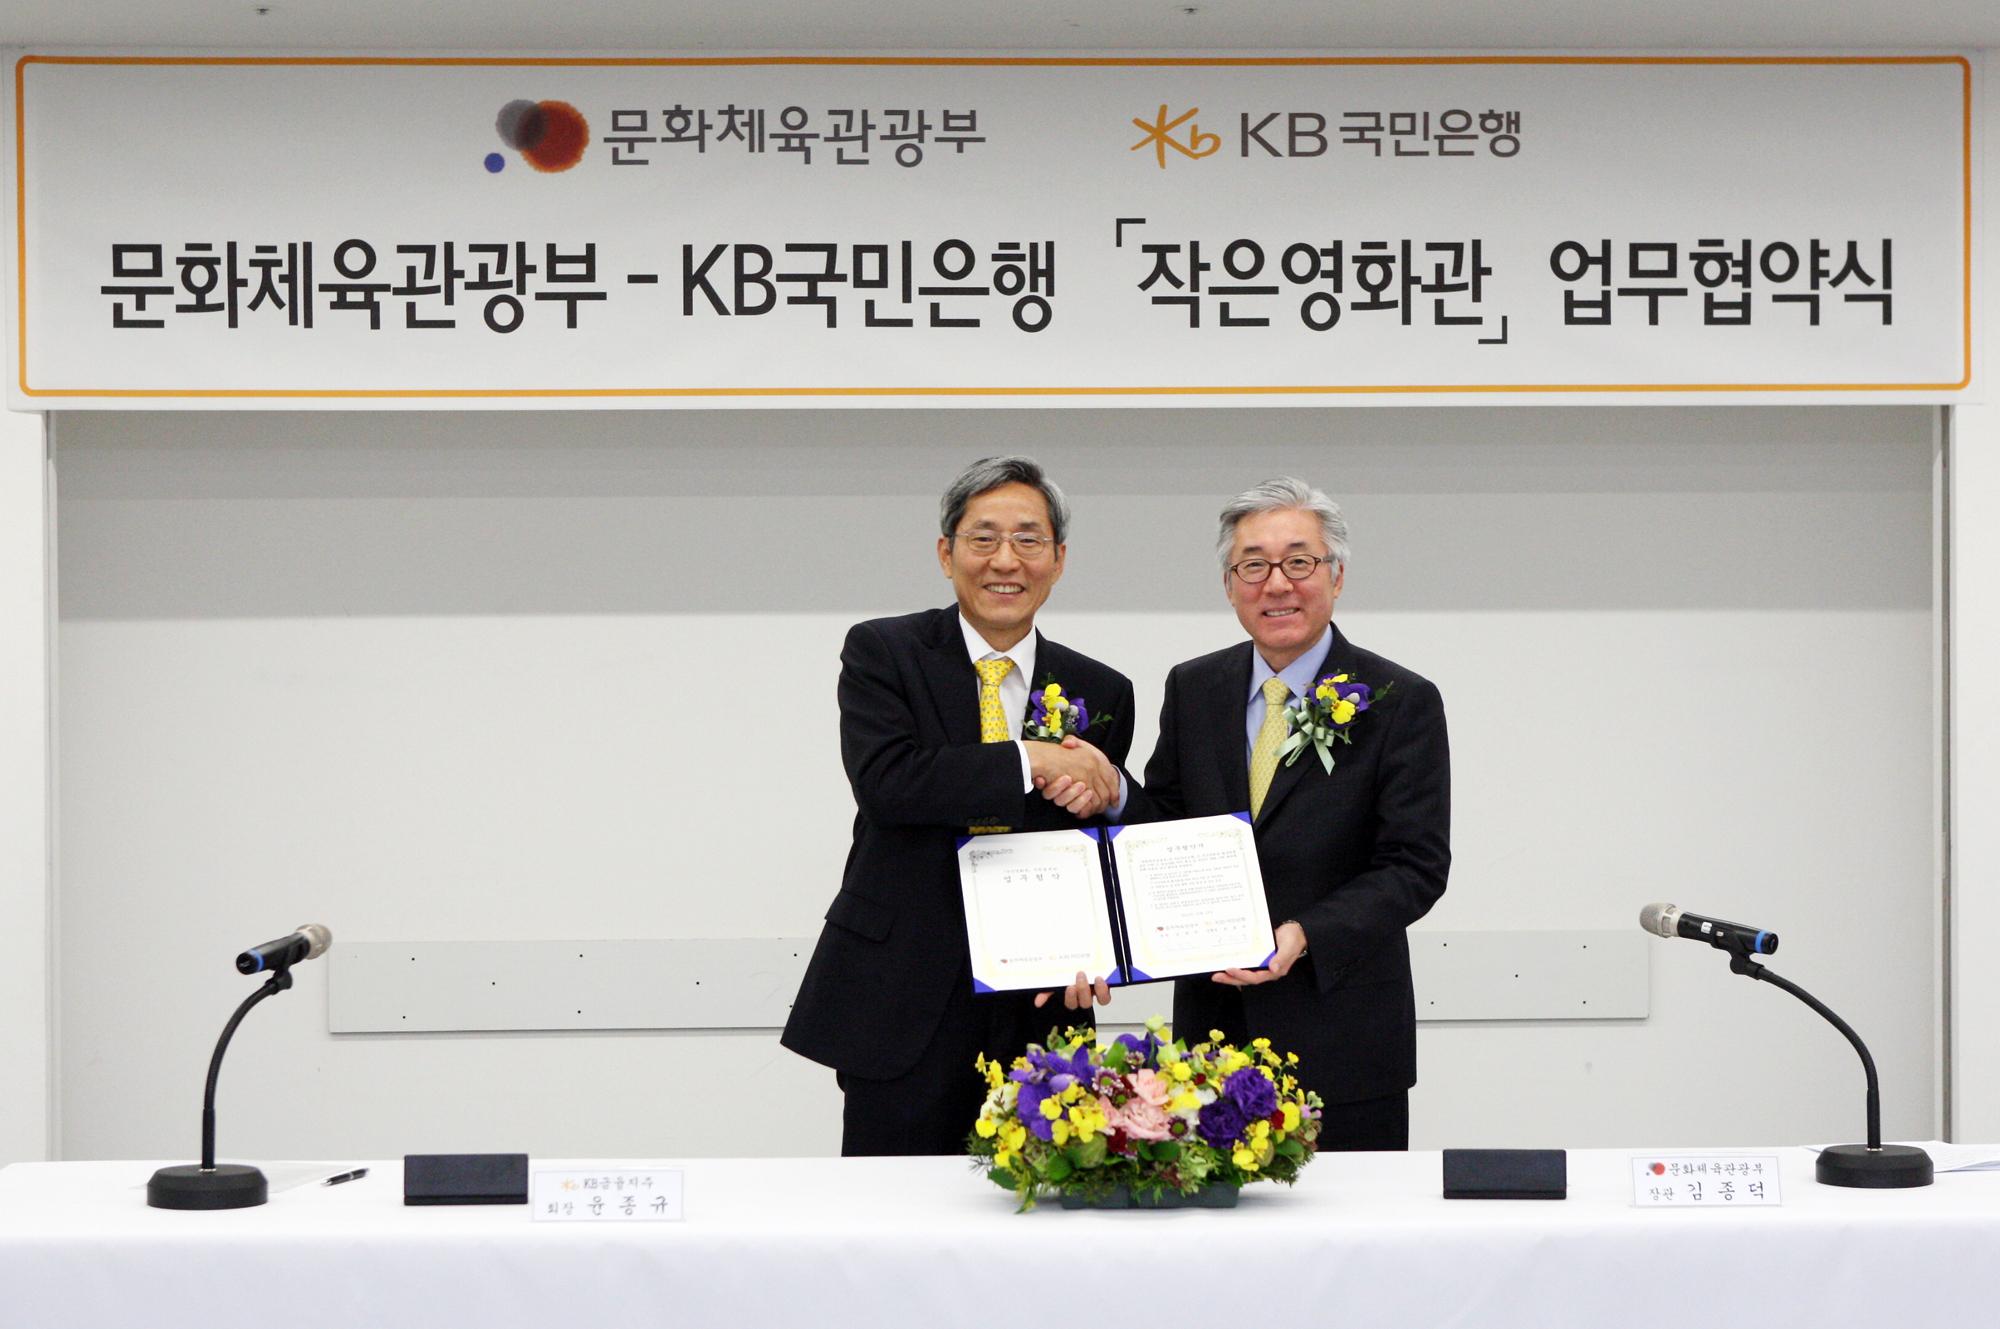 국민은행, '작은 영화관' 설립 후원금 3억원 전달